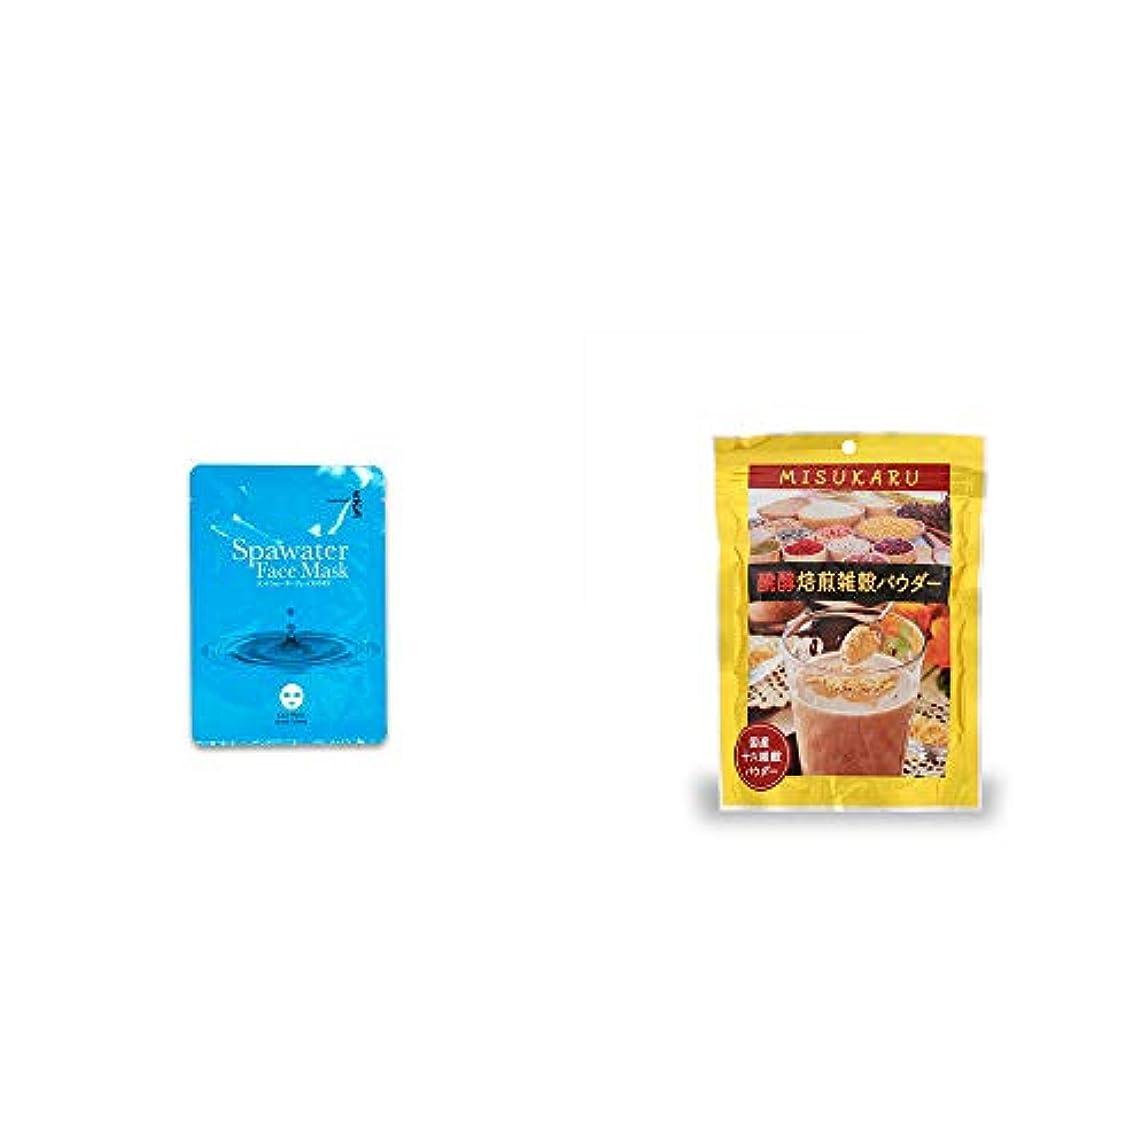 常識ミッション水銀の[2点セット] ひのき炭黒泉 スパウォーターフェイスマスク(18ml×3枚入)?醗酵焙煎雑穀パウダー MISUKARU(ミスカル)(200g)